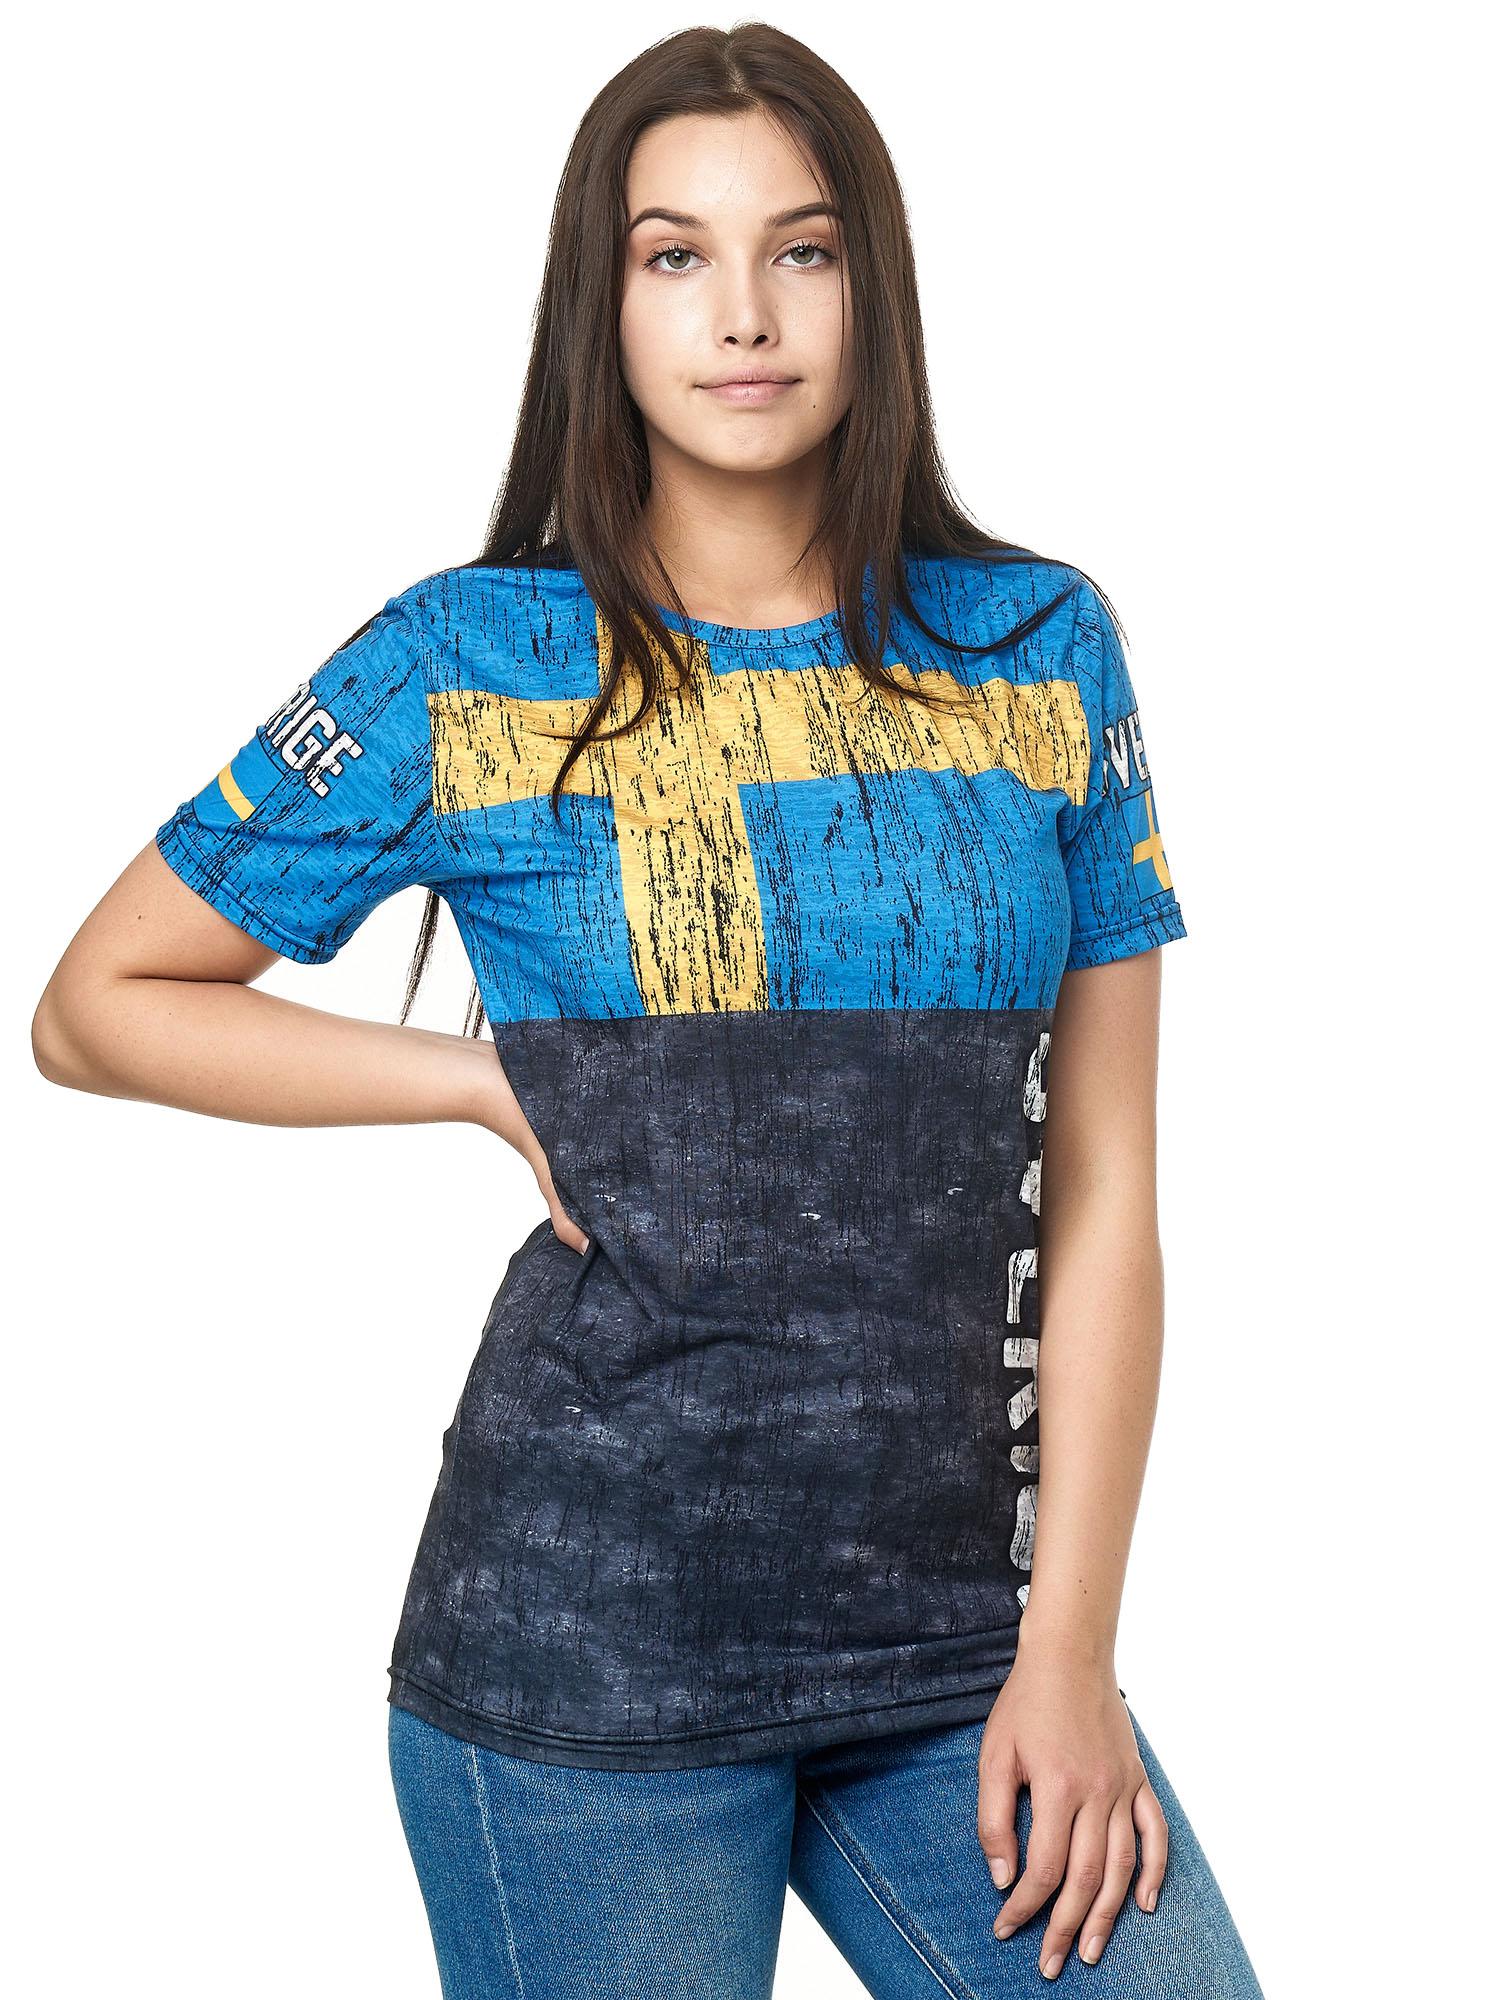 Paesi-da-Donna-T-shirt-A-Maniche-Corte-Girocollo-donne-CALCIO-Fanshirt-John-Kayna miniatura 103